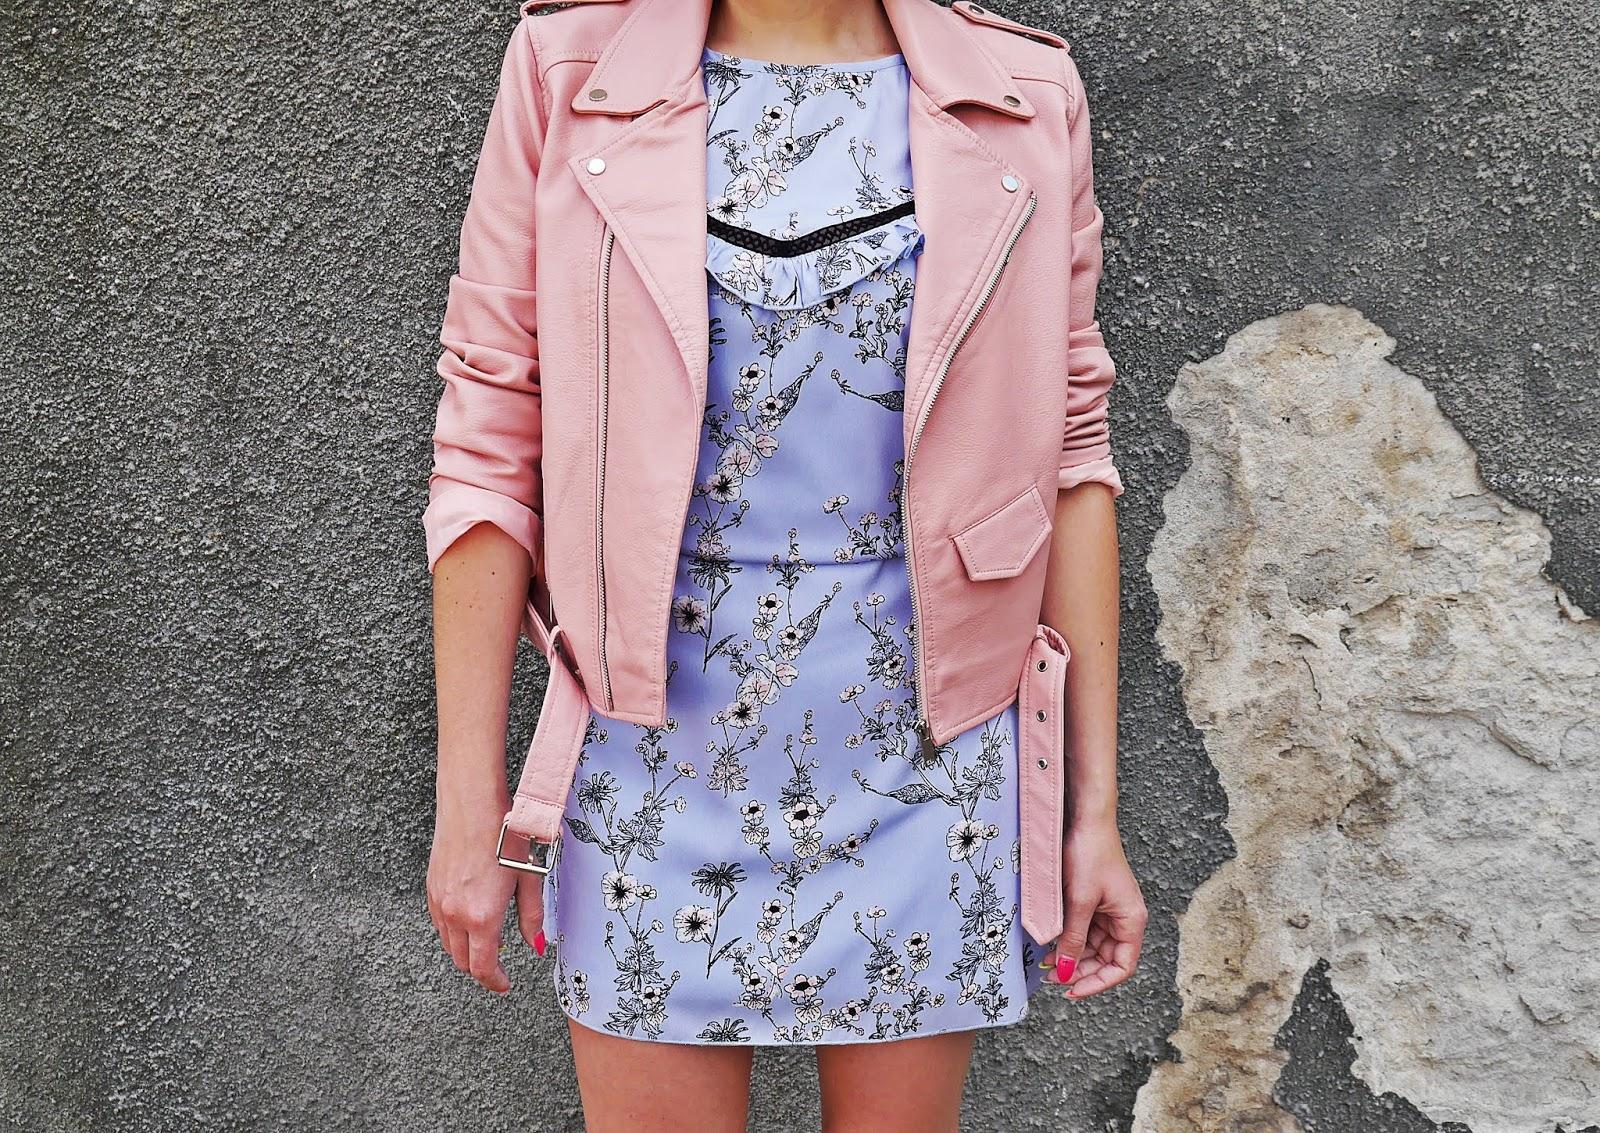 2_sukienka_w_kwaity_bonprix_rozowa_ramoneska_buty_renee_karyn_blog_modowy_200518